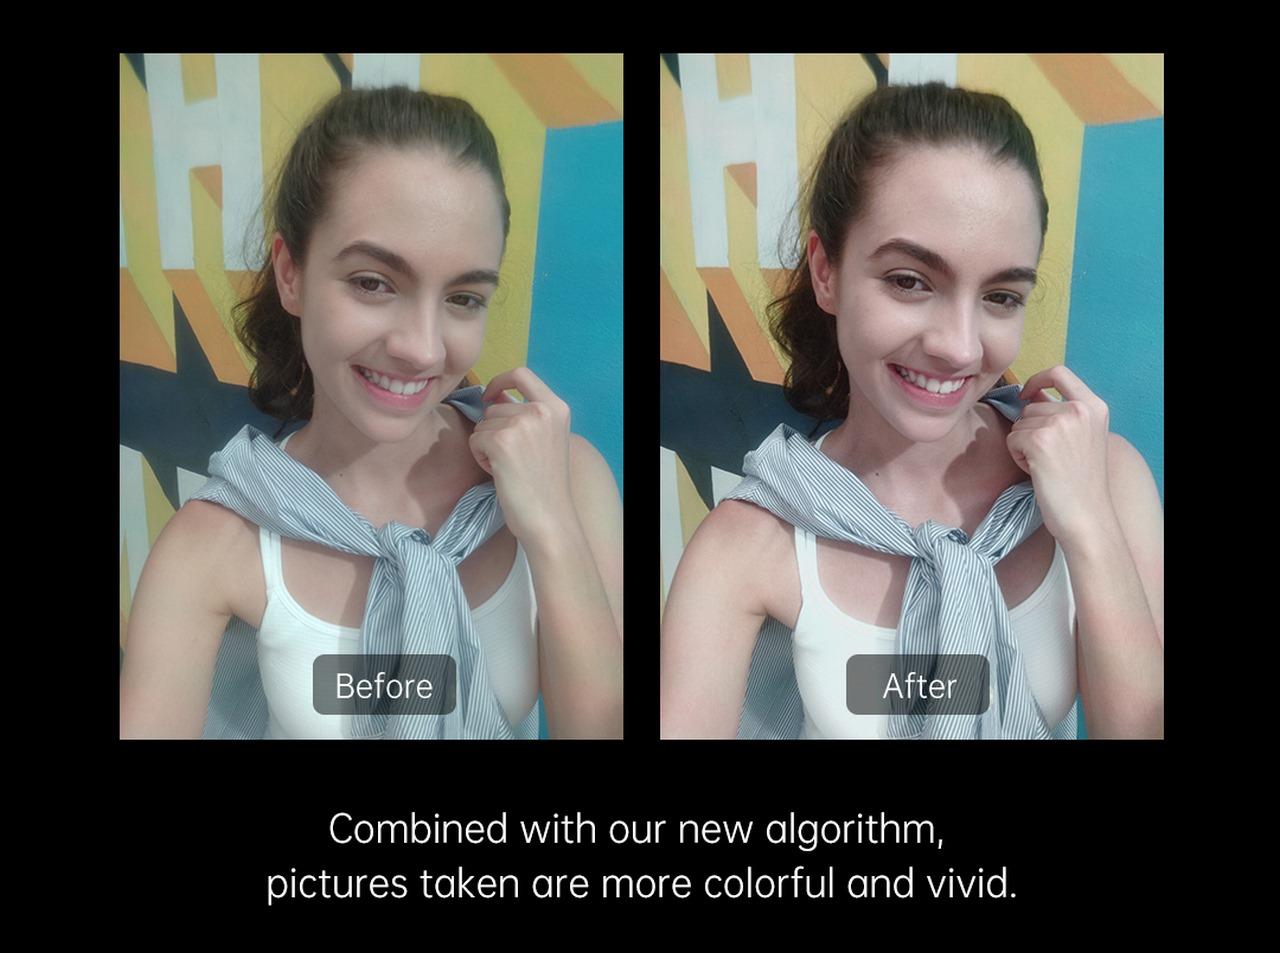 Oppo giới thiệu công nghệ camera ẩn dưới màn hình, tương lai smartphone tràn viền là đây